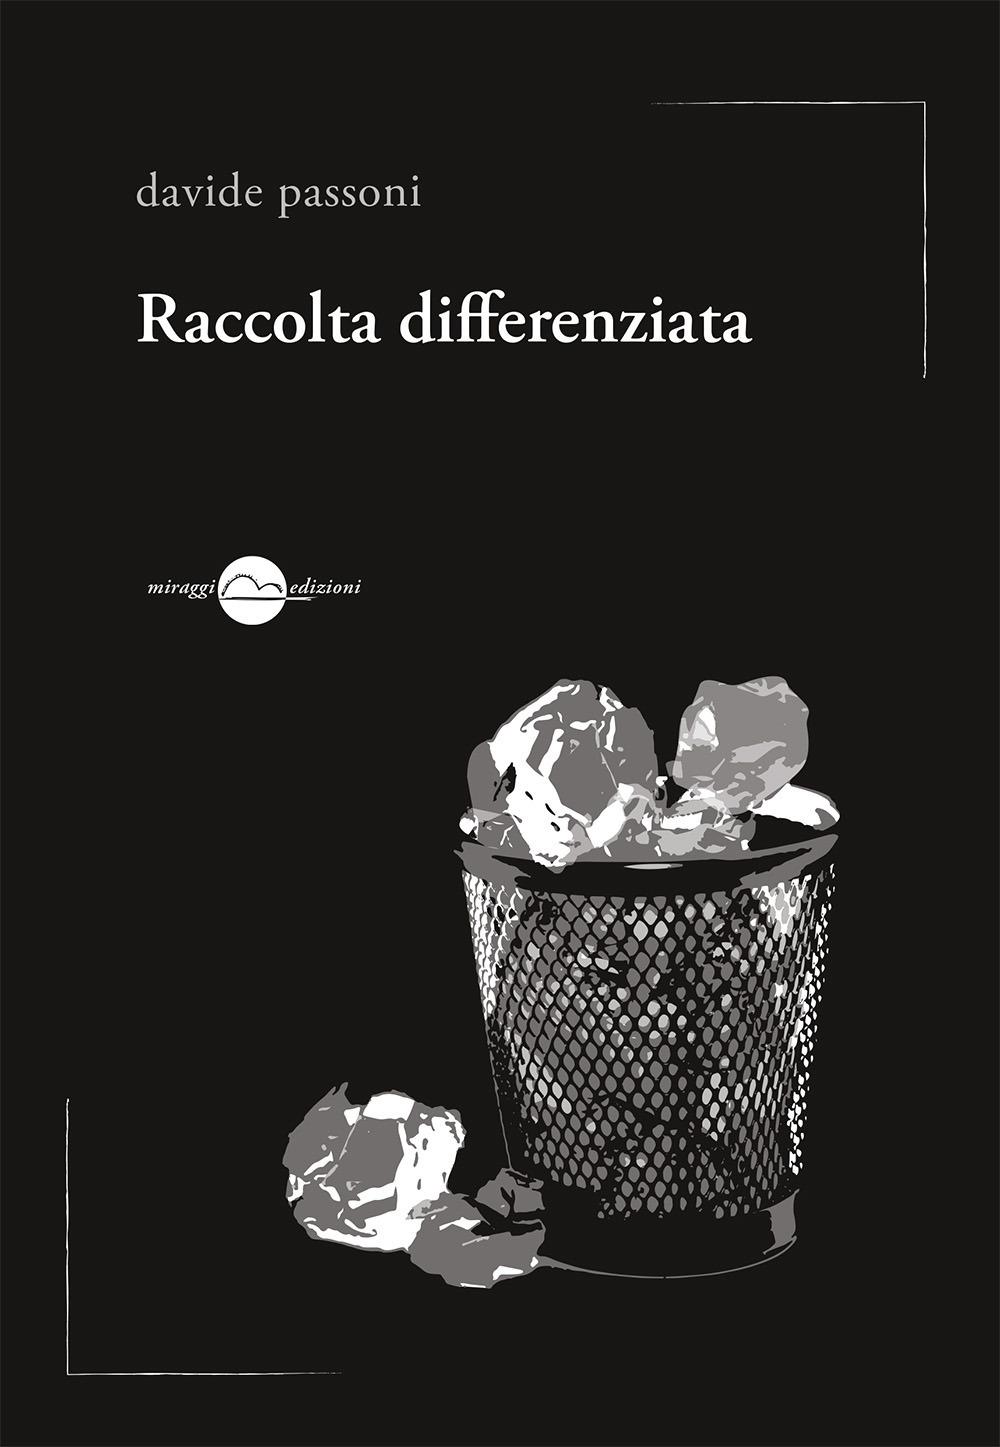 RACCOLTA DIFFERENZIATA - 9788833860169